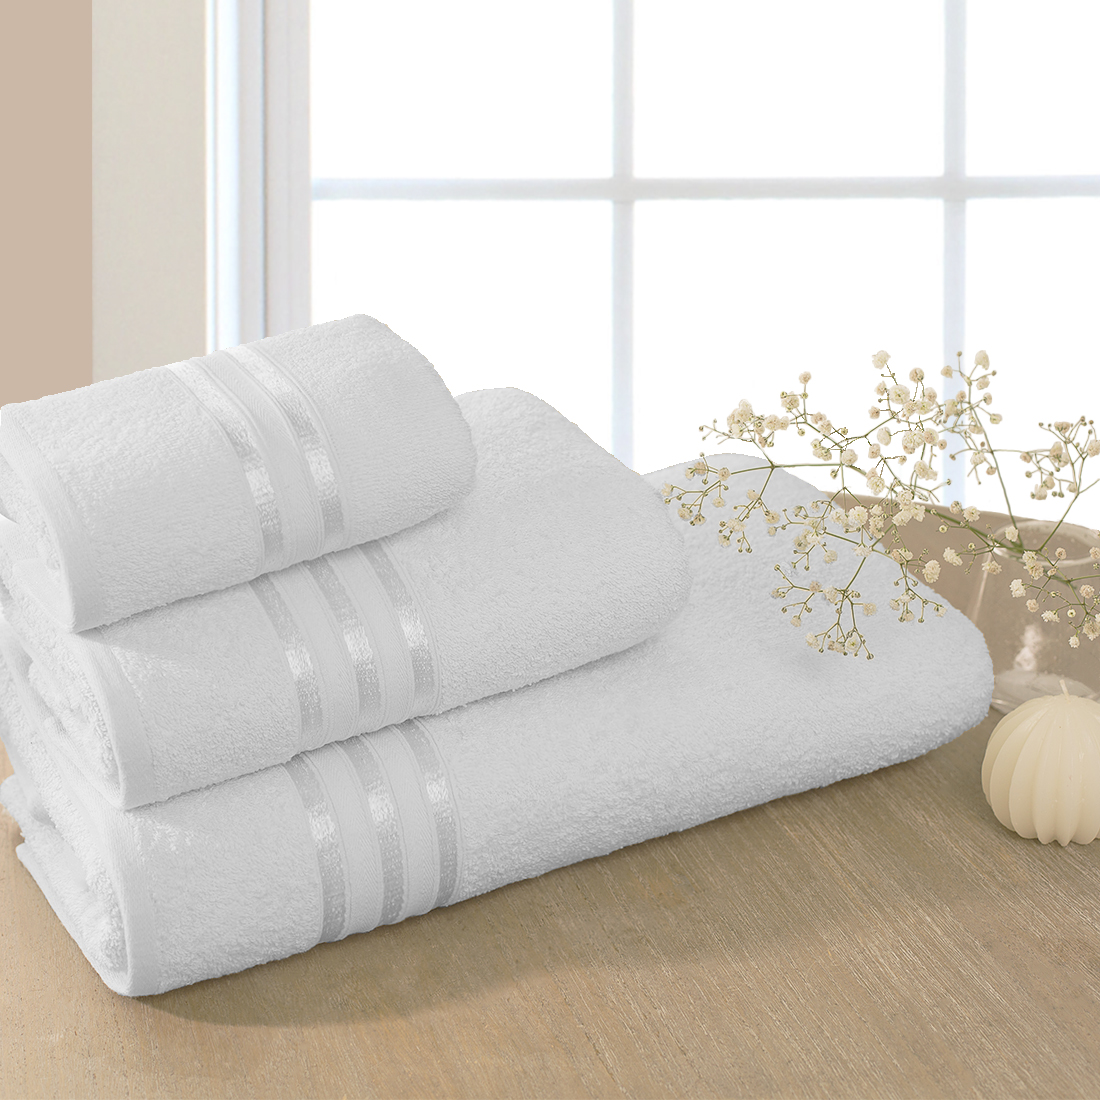 Полотенца Dome Полотенце Harmonika Цвет: Белоснежный (70х130 см)